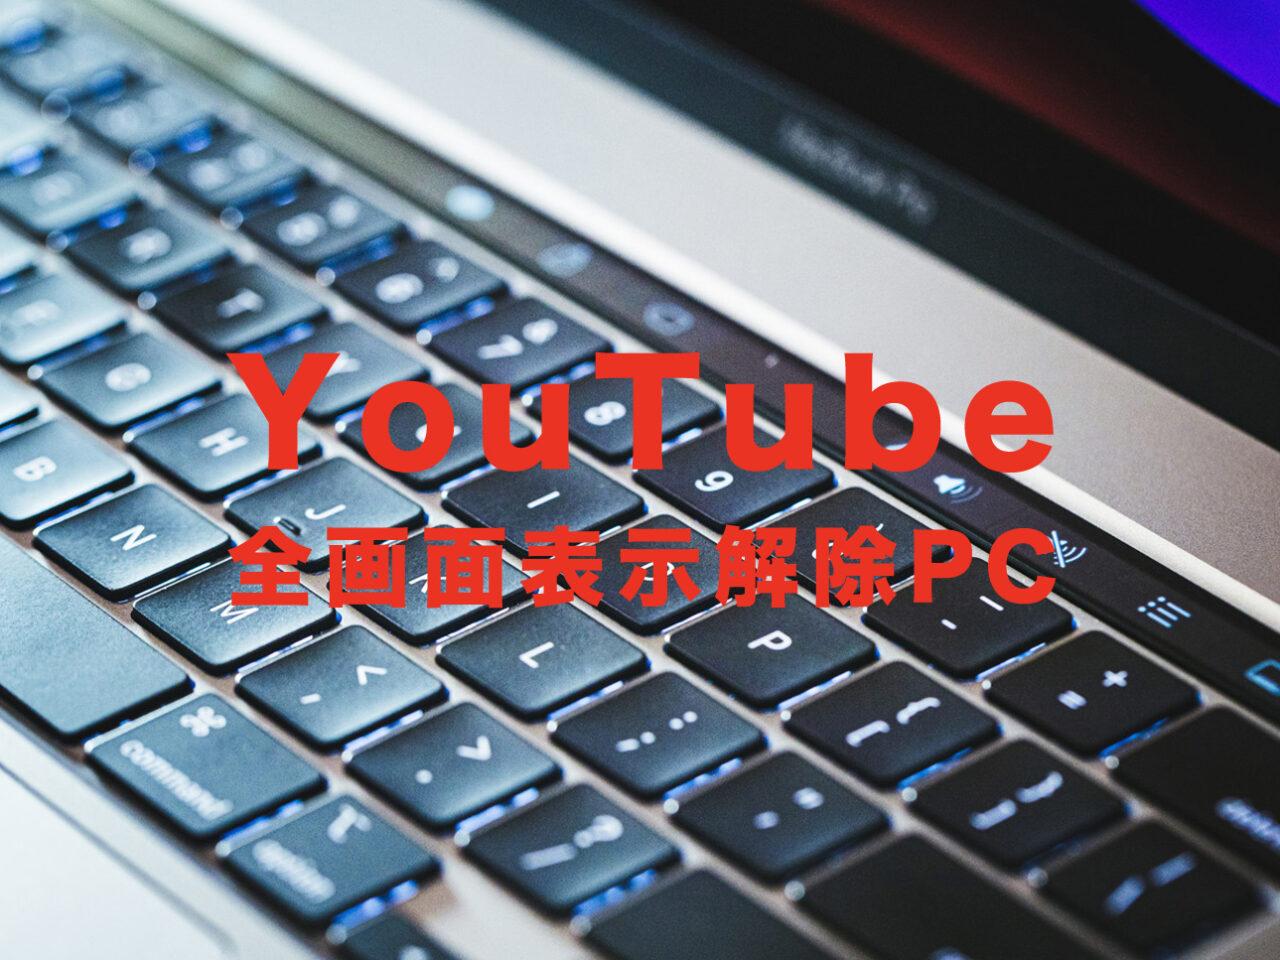 YouTube(ユーチューブ)で全画面表示を解除する方法は?PCブラウザ版でのやり方は?のサムネイル画像